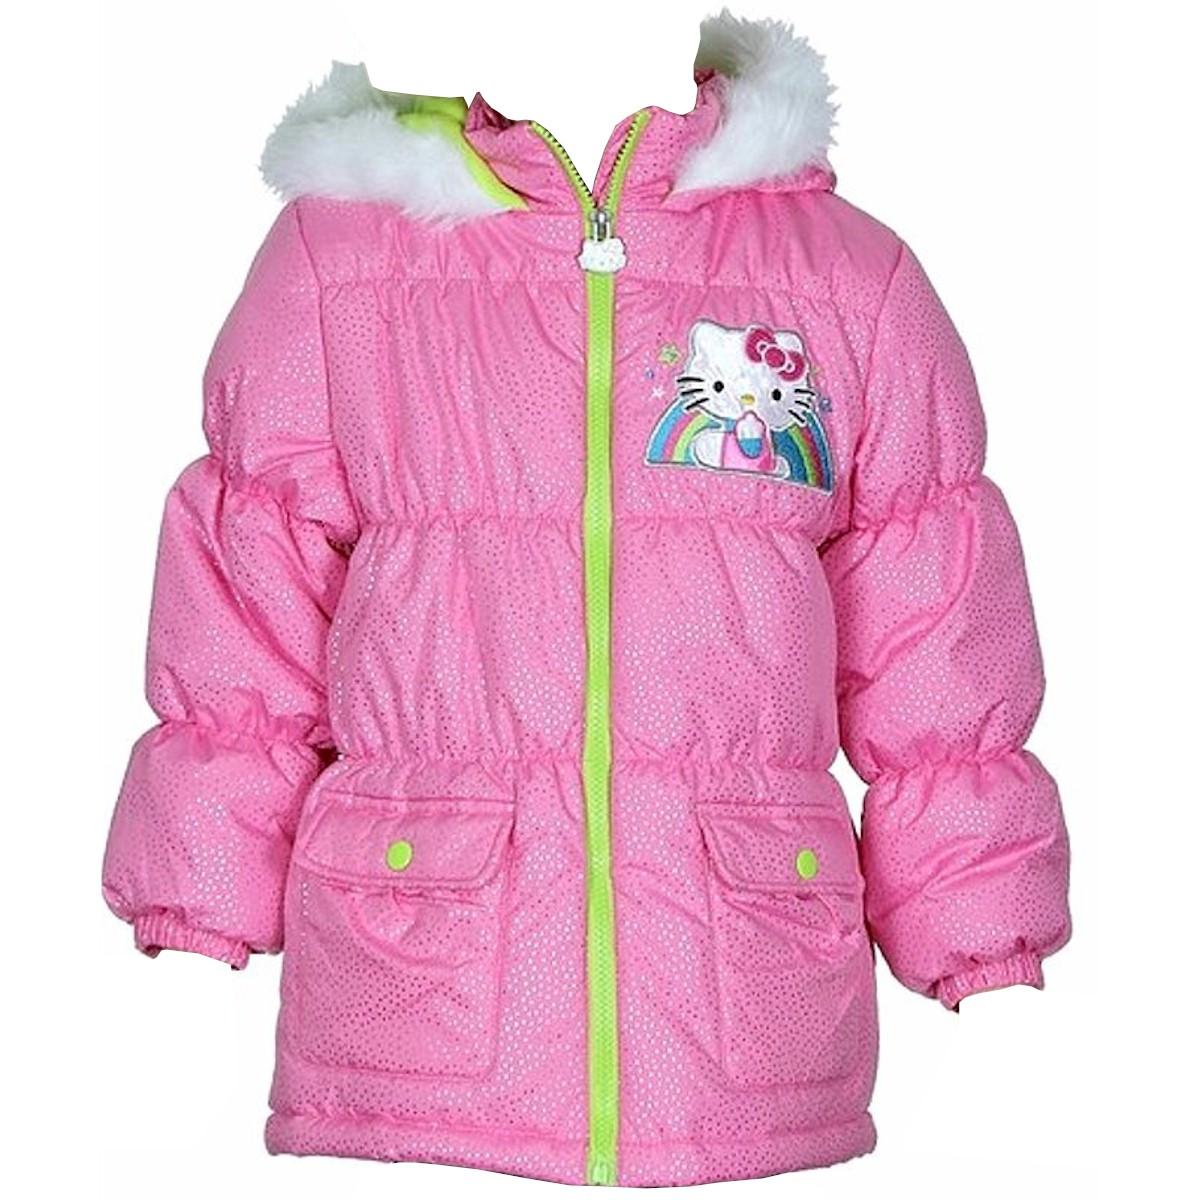 b33bbd7ed Hello Kitty Infant/Toddler Girl's HK036 Puffer Hooded Winter Jacket